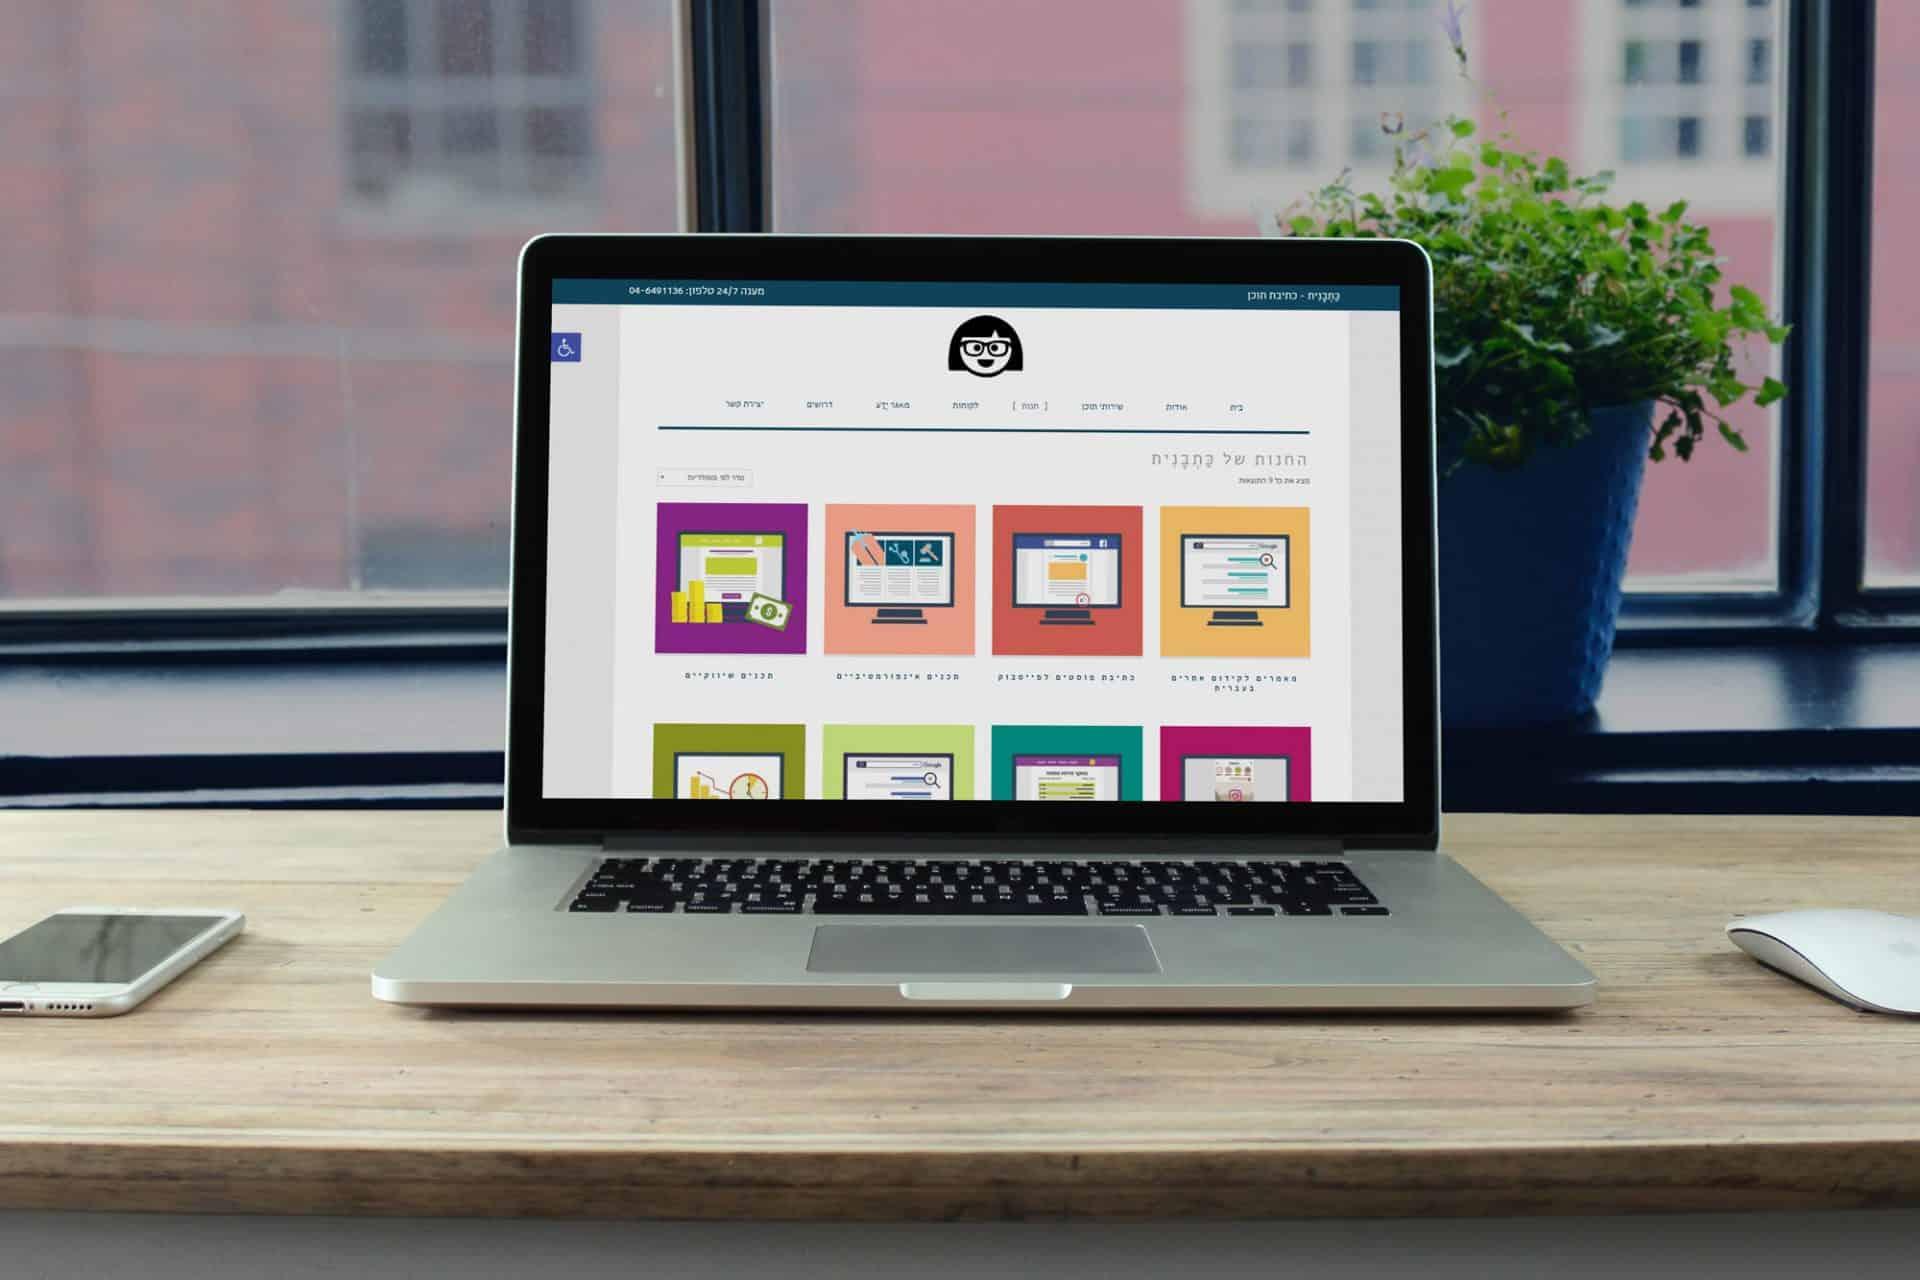 עיצוב חנות אינטרנטית ובניית חנות עבור כתבנית כתיבת תוכן